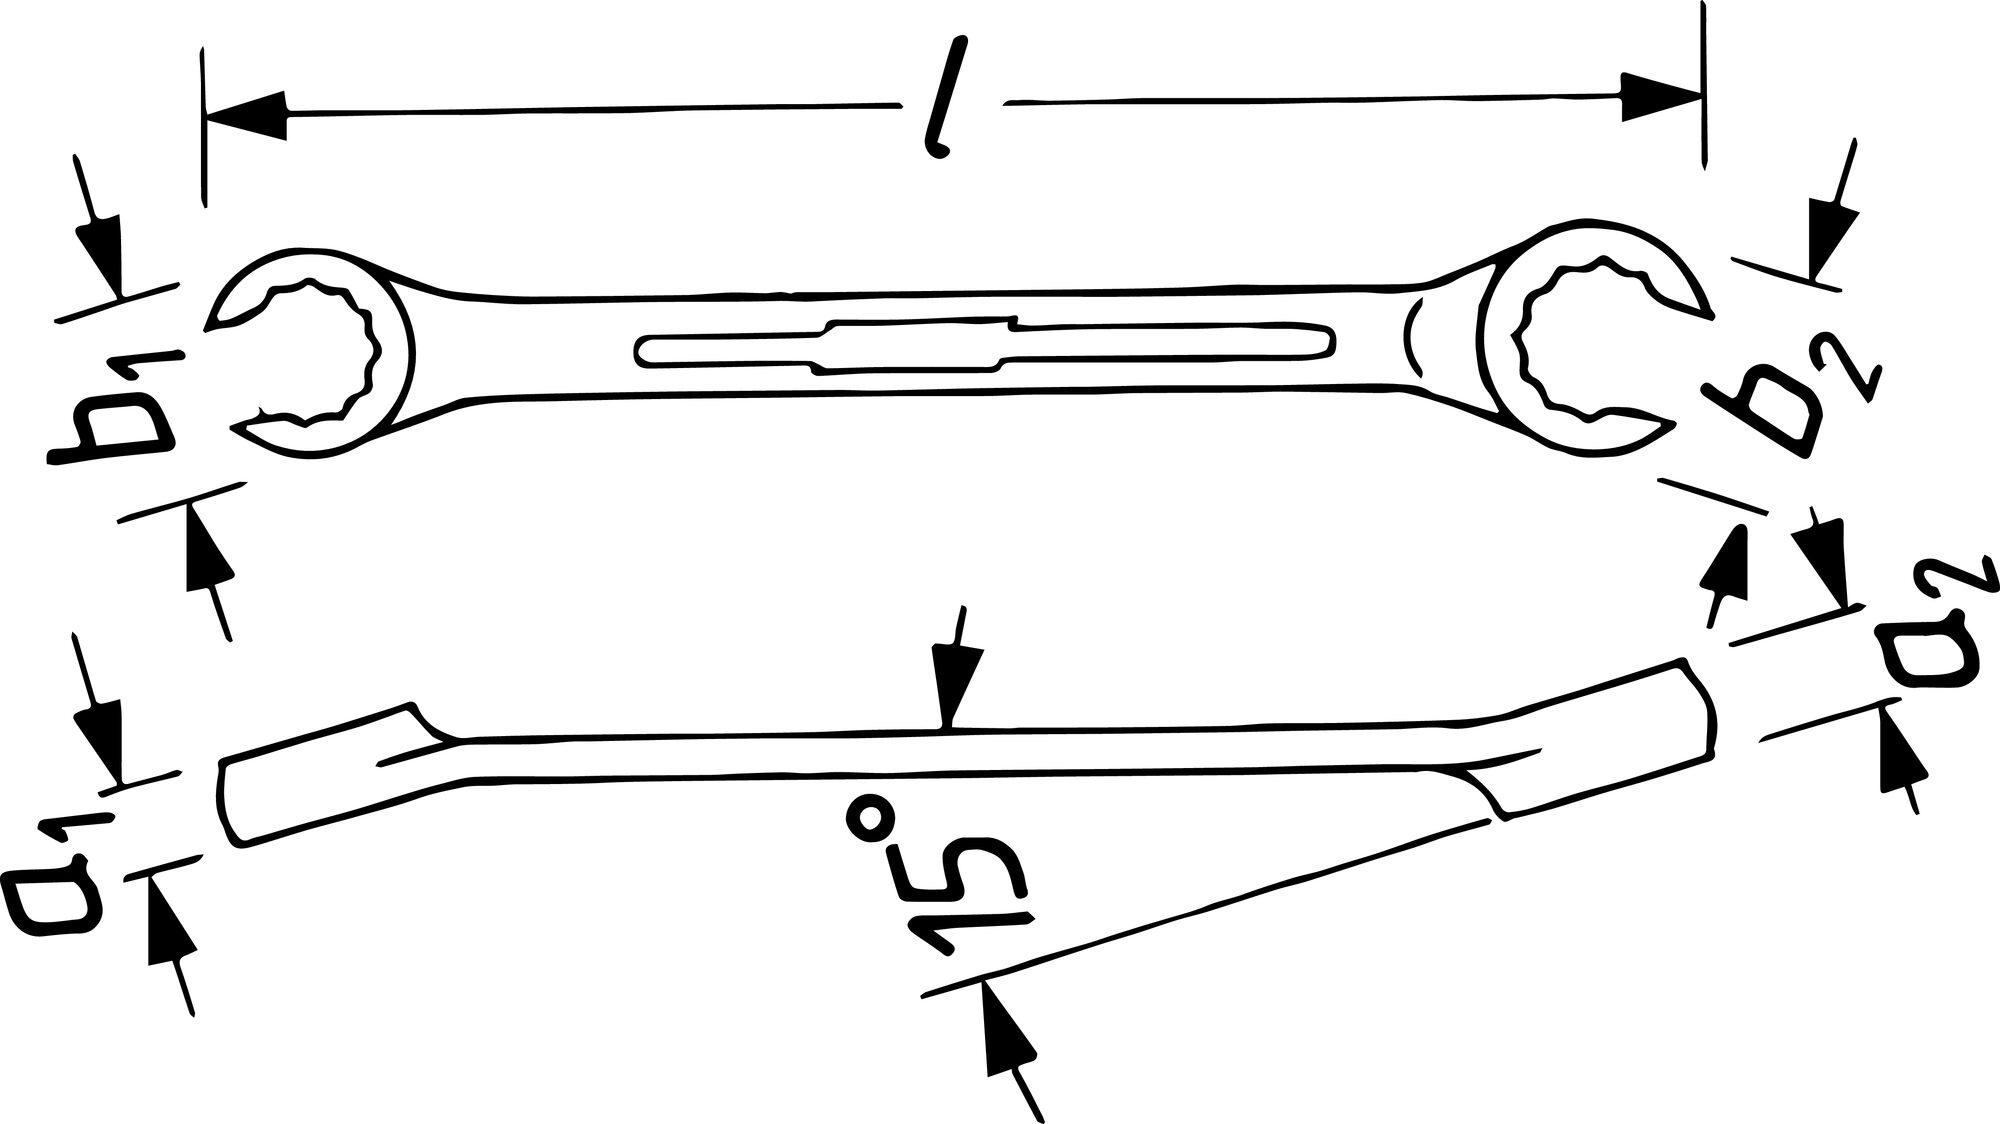 HAZET Doppel-Ringschlüssel ∙ offen 612-17X19 ∙ Außen-Doppel-Sechskant Profil ∙ 17 x 19 mm